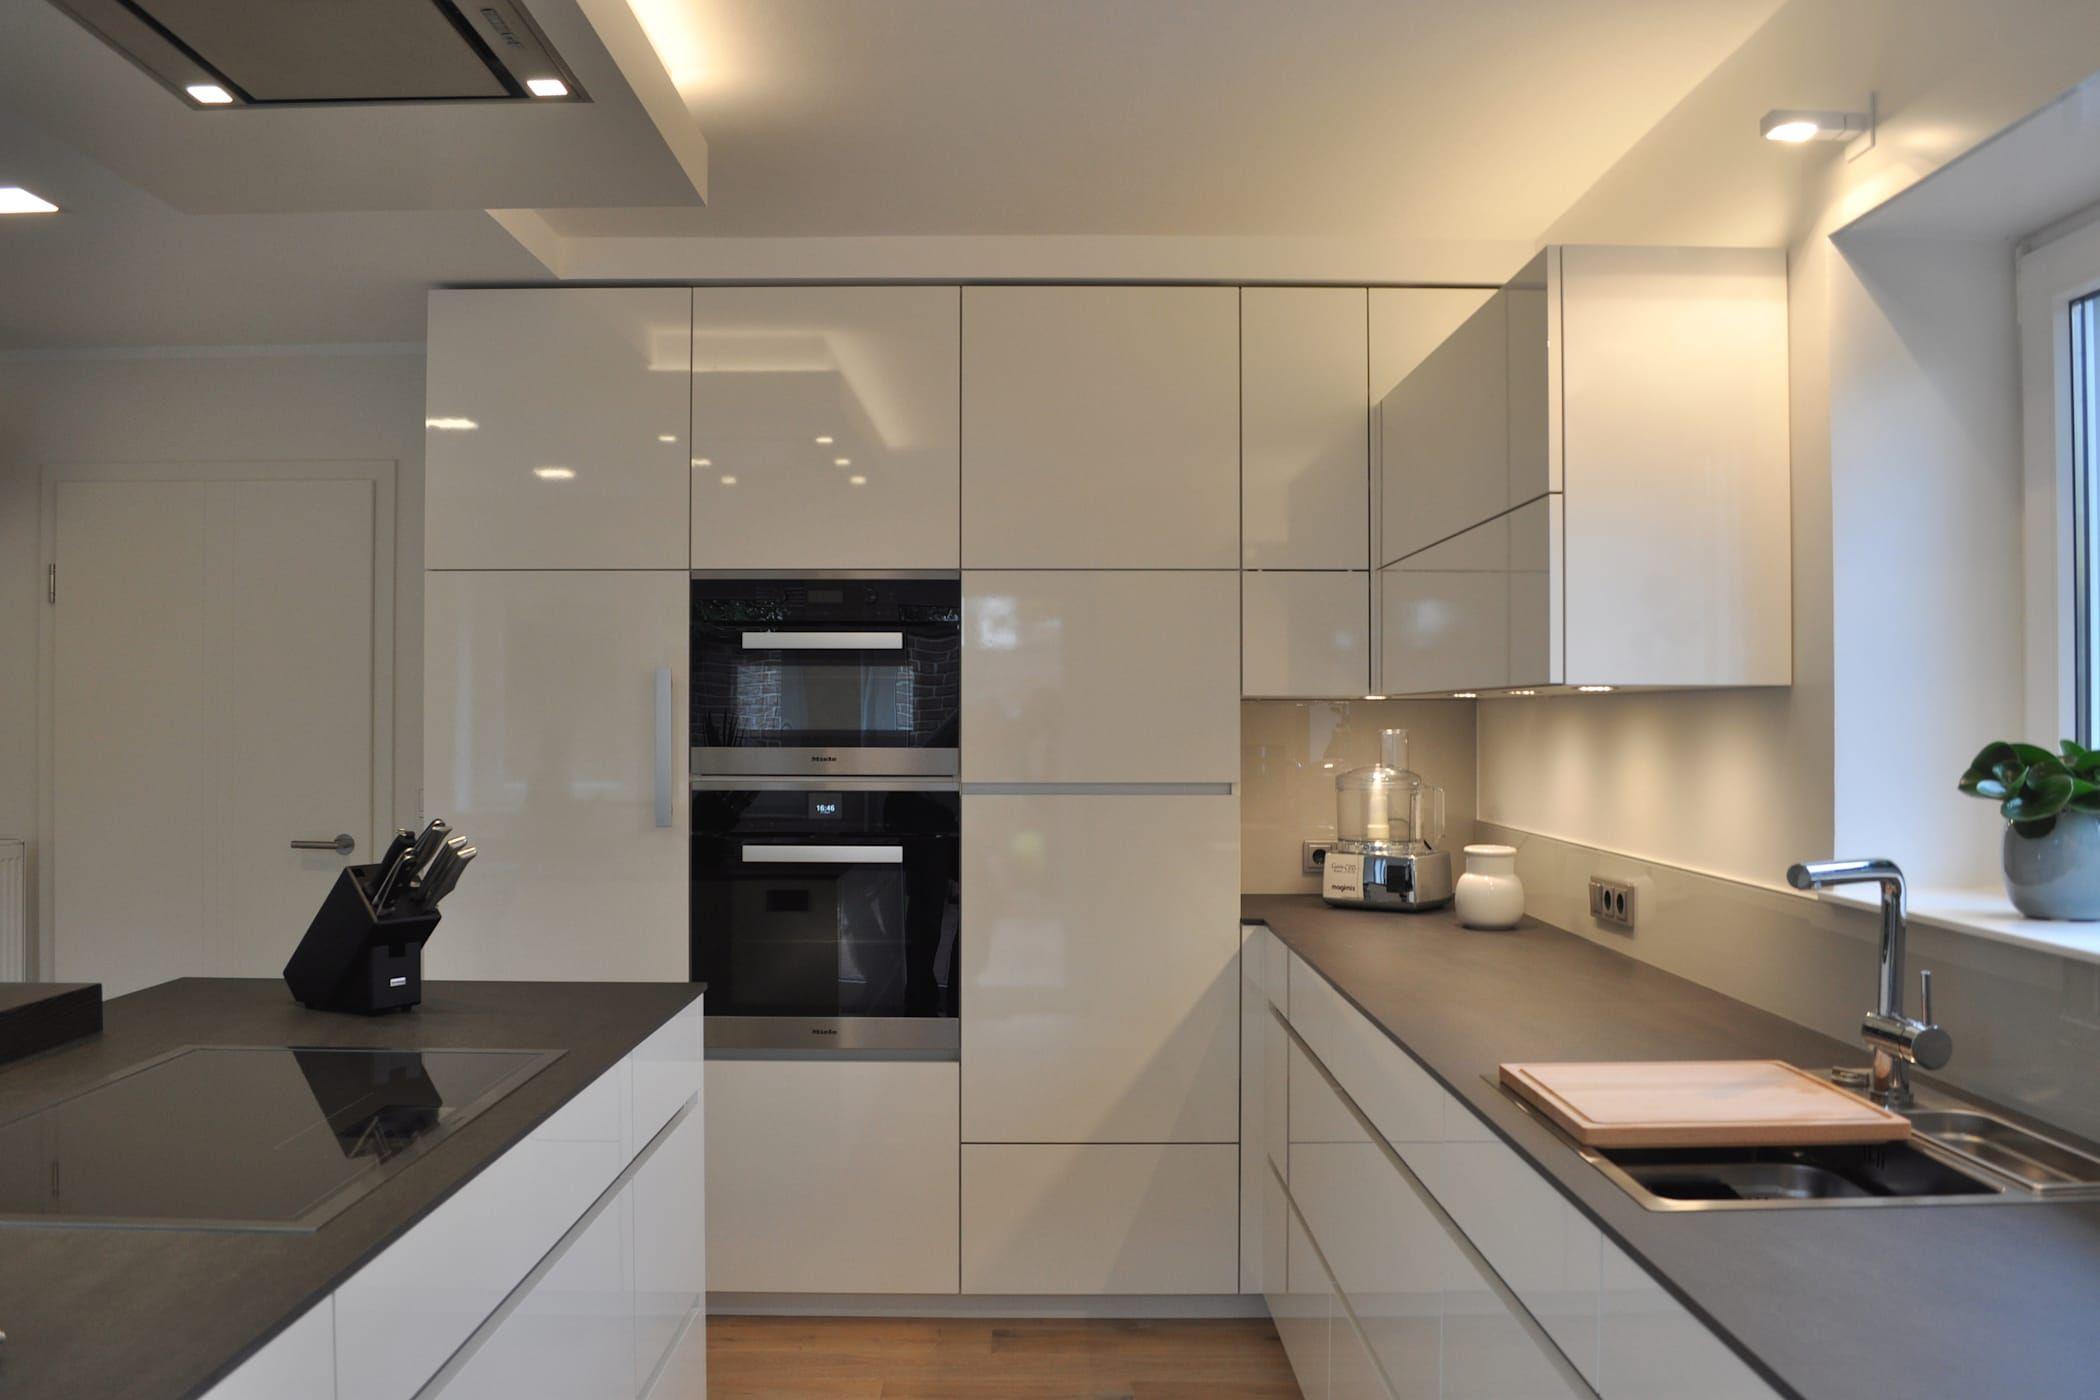 Cucina Moderna Di Klocke Mobelwerkstatte Gmbh Moderno Kuche Nach Mass Moderne Kuche Und Kuche Einrichten